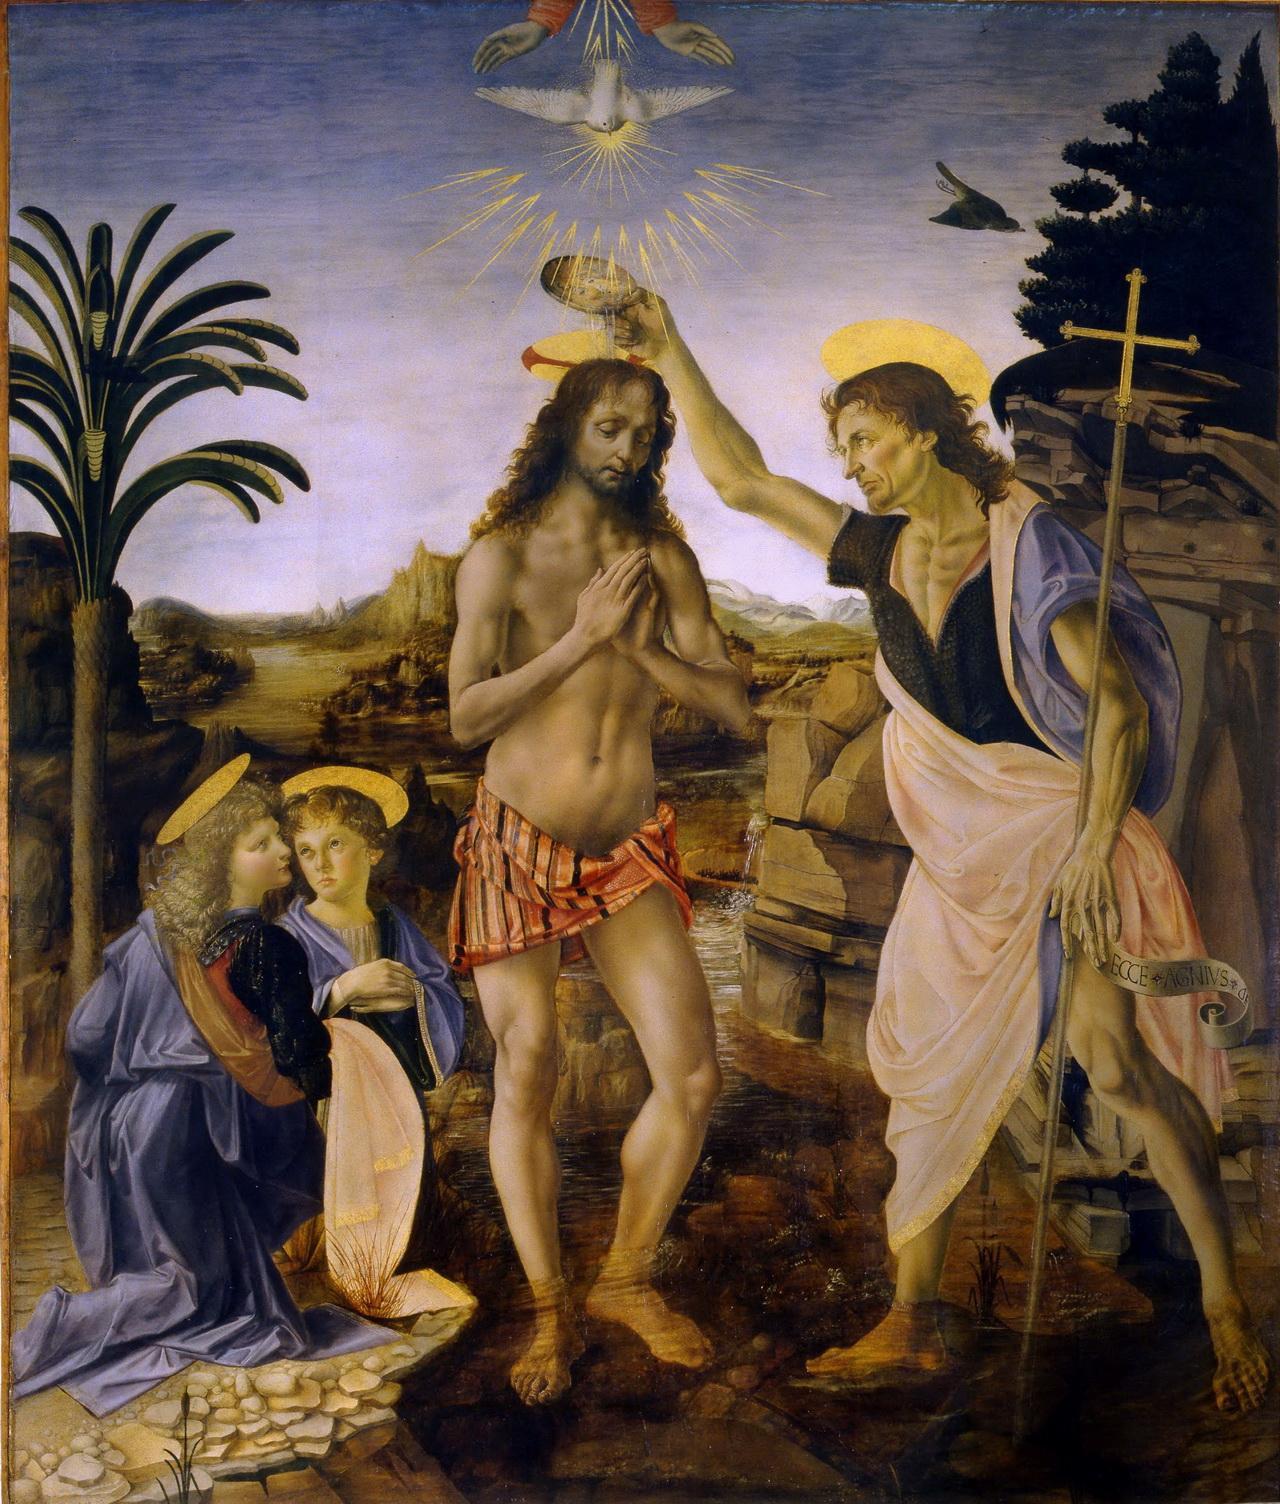 基督受洗 意大利 达芬奇 湿壁画 176.9×151.2厘米 意大利,佛罗伦斯,乌菲兹美术馆藏